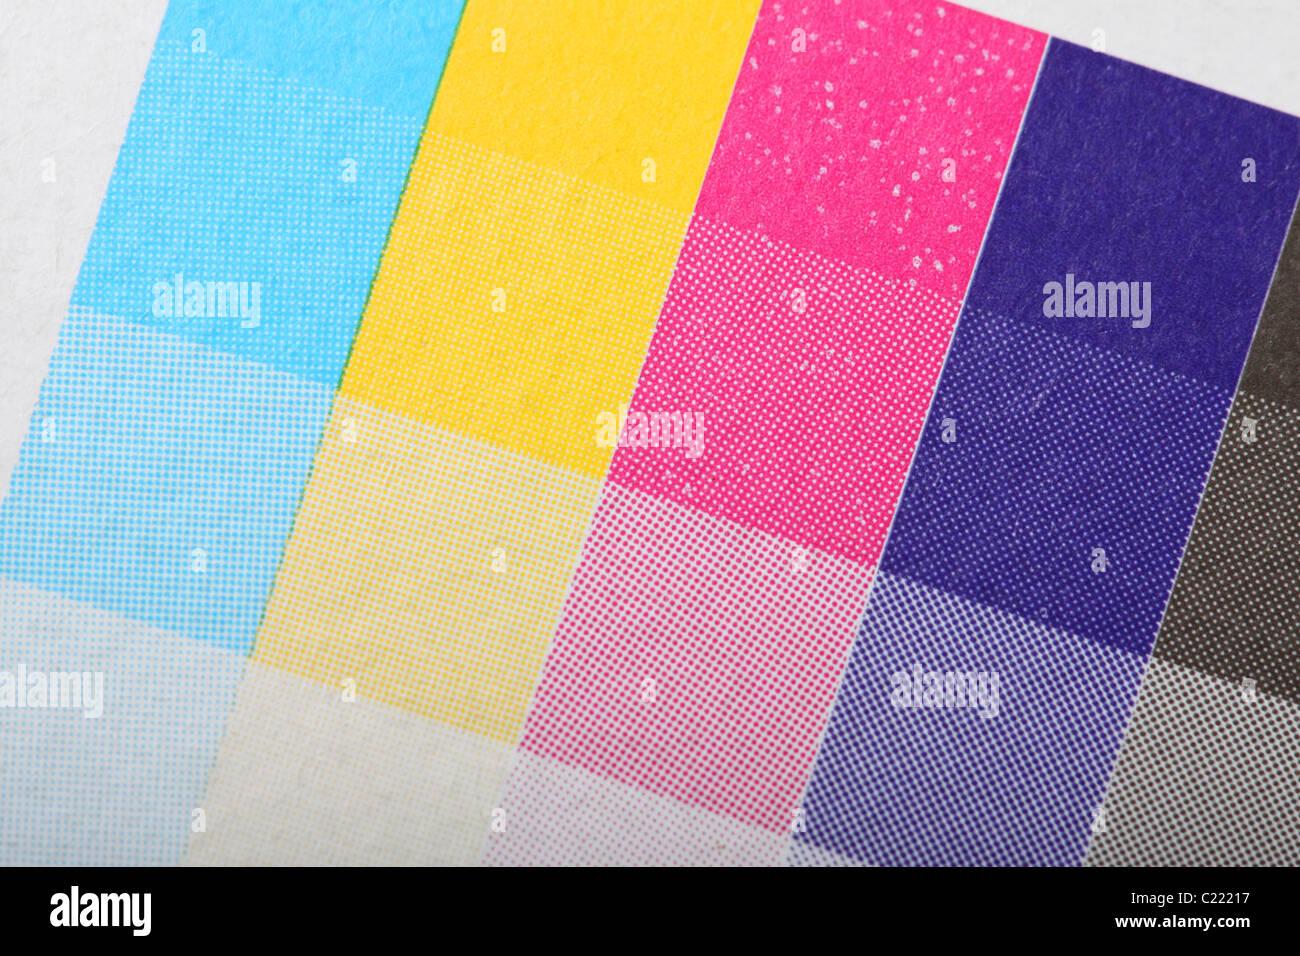 Impresoras color CMYK de impresión prueba de impresión en cuatro ...